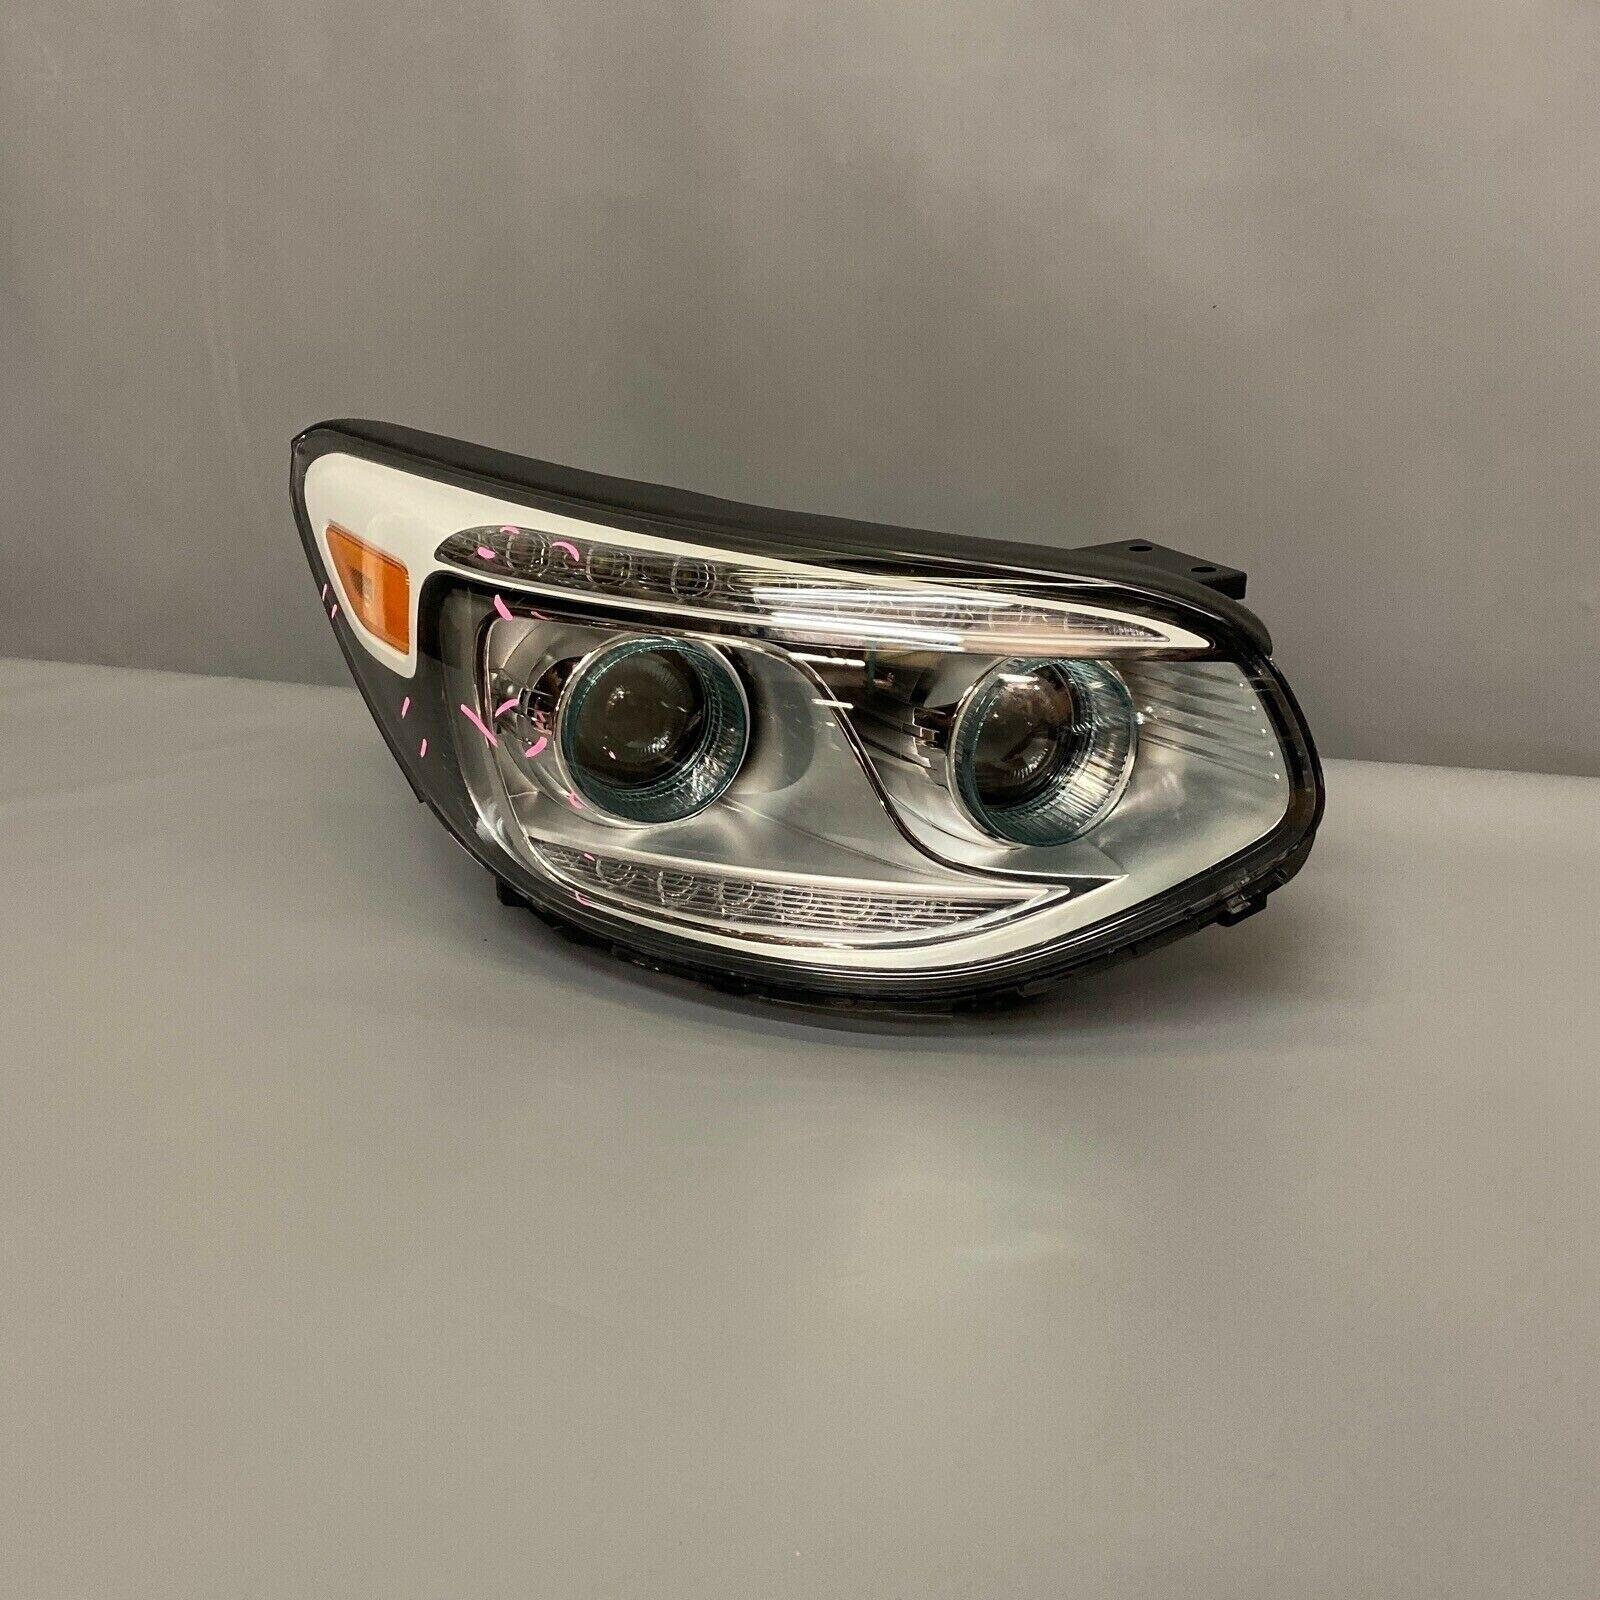 2x LED Dynamical Side Lights Replacement for P 107 108 206 307 407 607 1007 4007 Partner I II Expert Tepee Canbus E4 MOT T/ÜV ITV